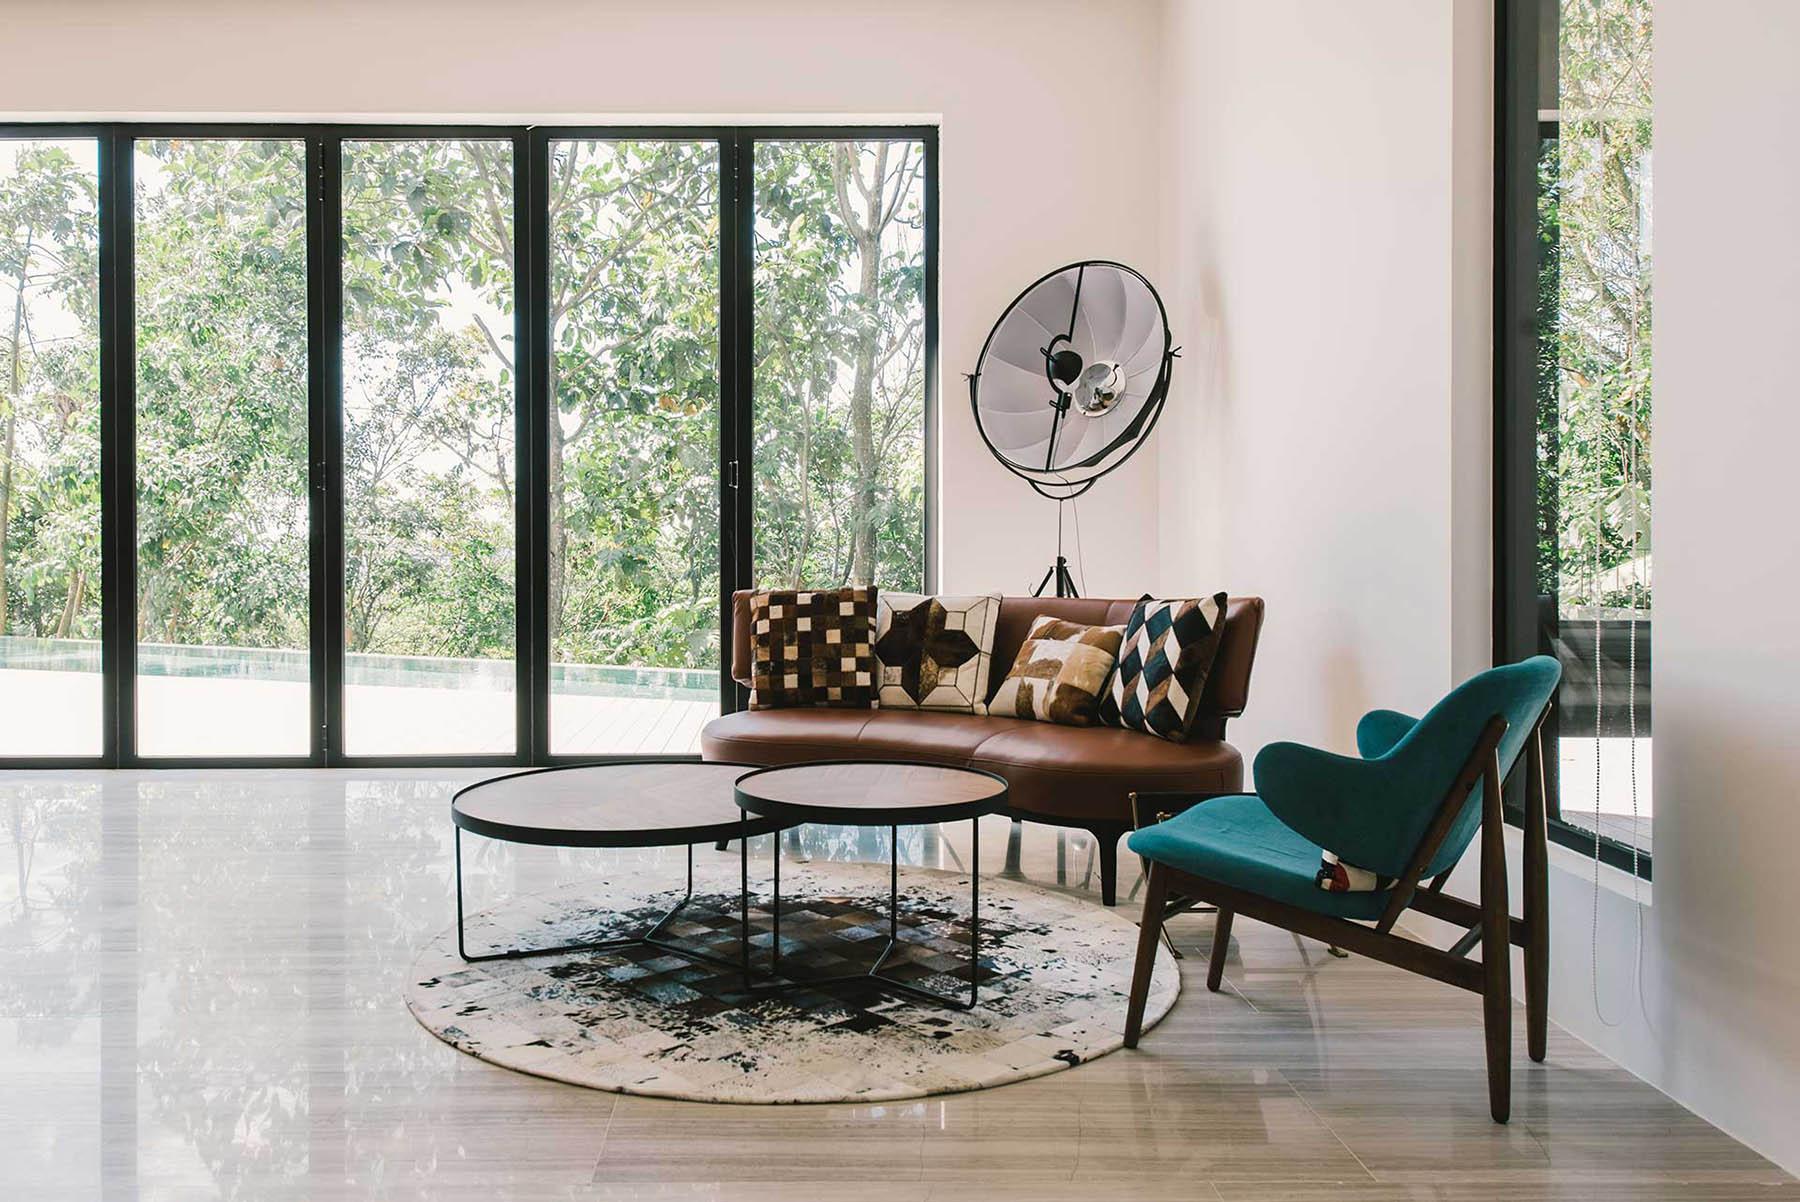 iGNANT-Architecture-Formzero-Window-House-21